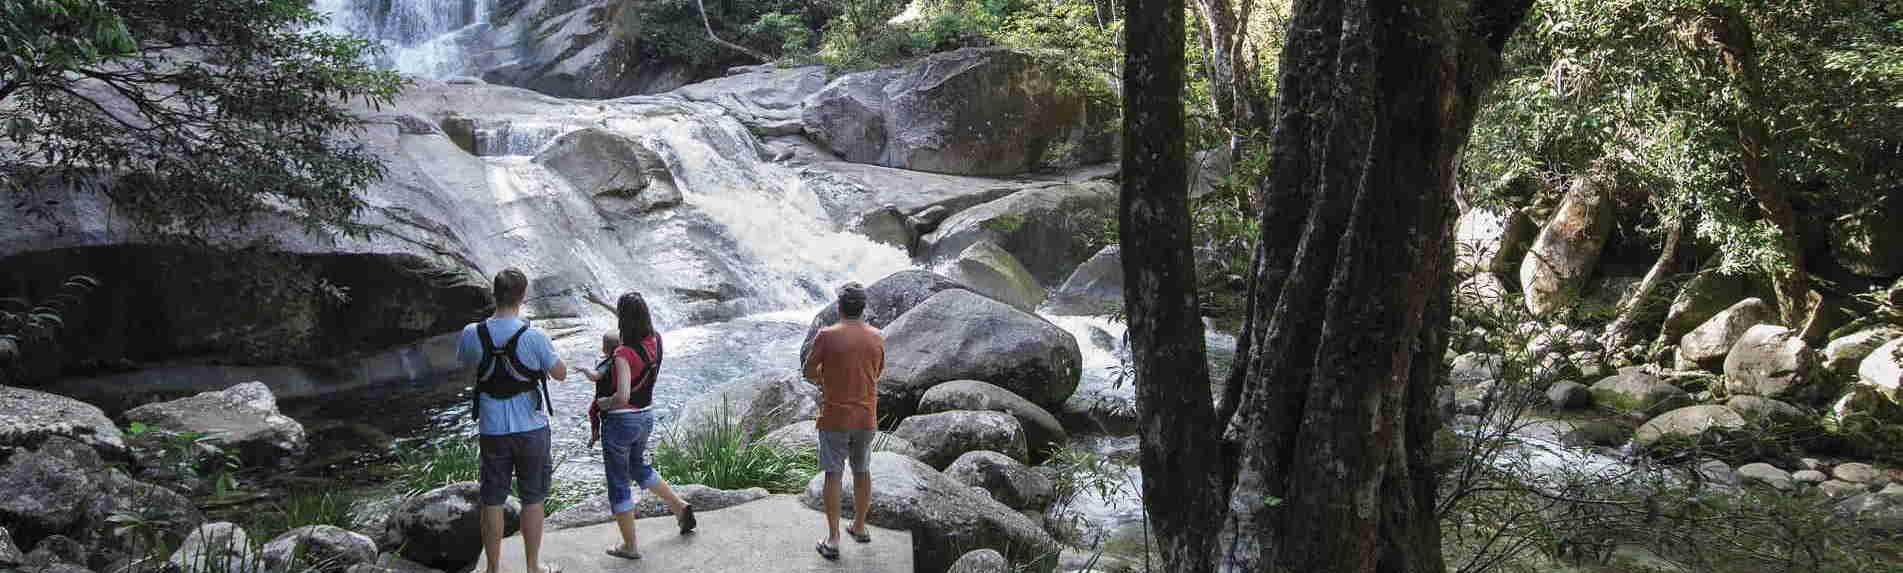 Daintree Rainforest & Cape Tribulation Tours